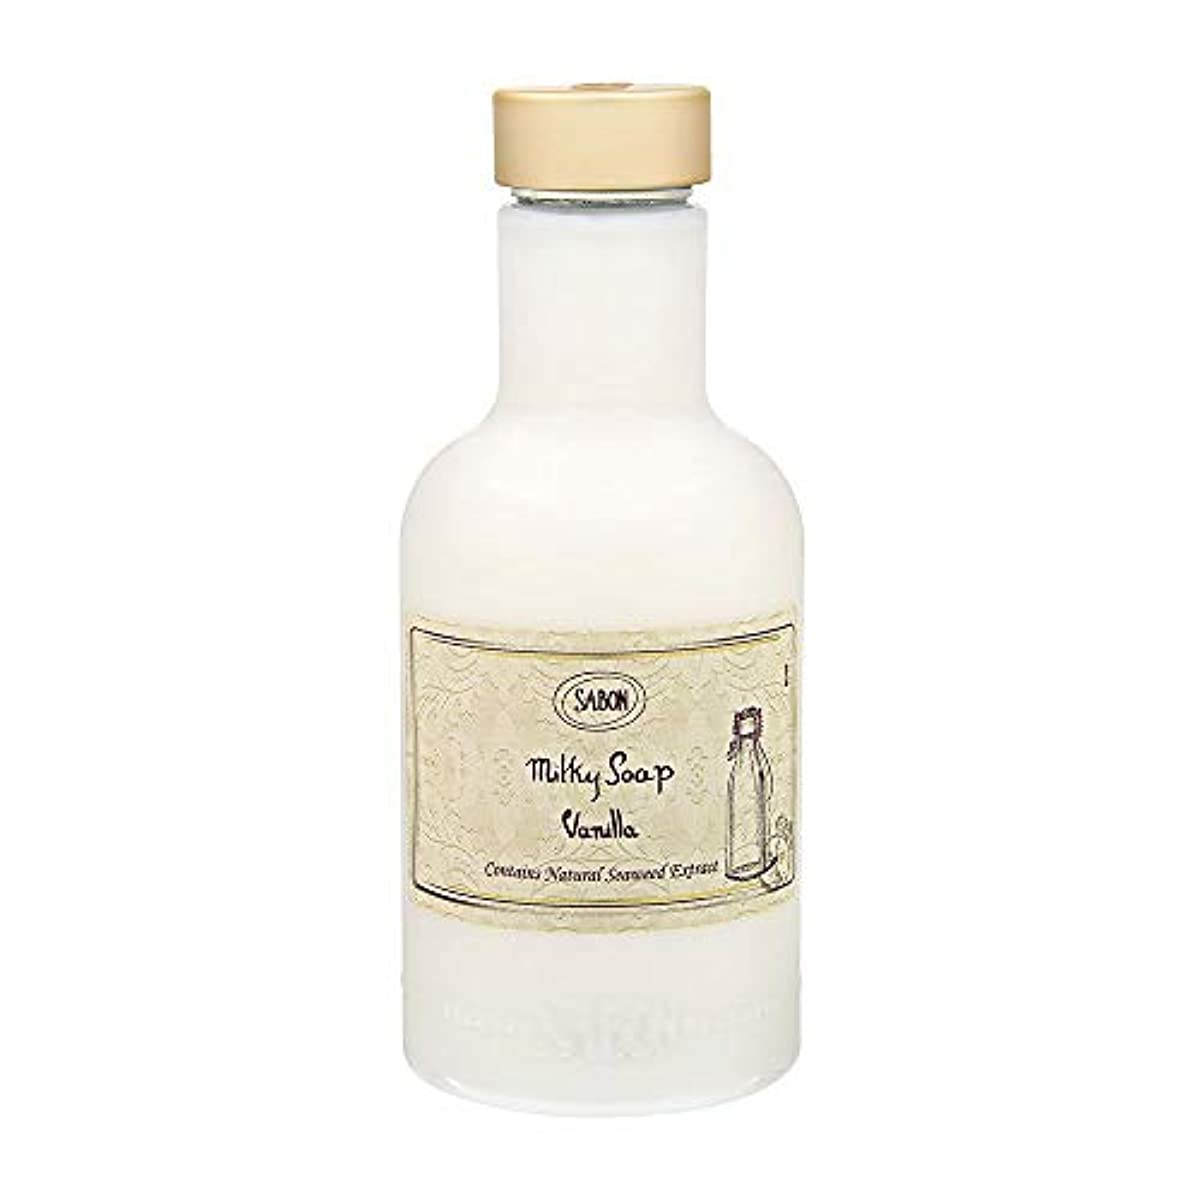 ミスペンドライトニングオリエントサボン(SABON) ミルキーソープ バニラ [並行輸入品]